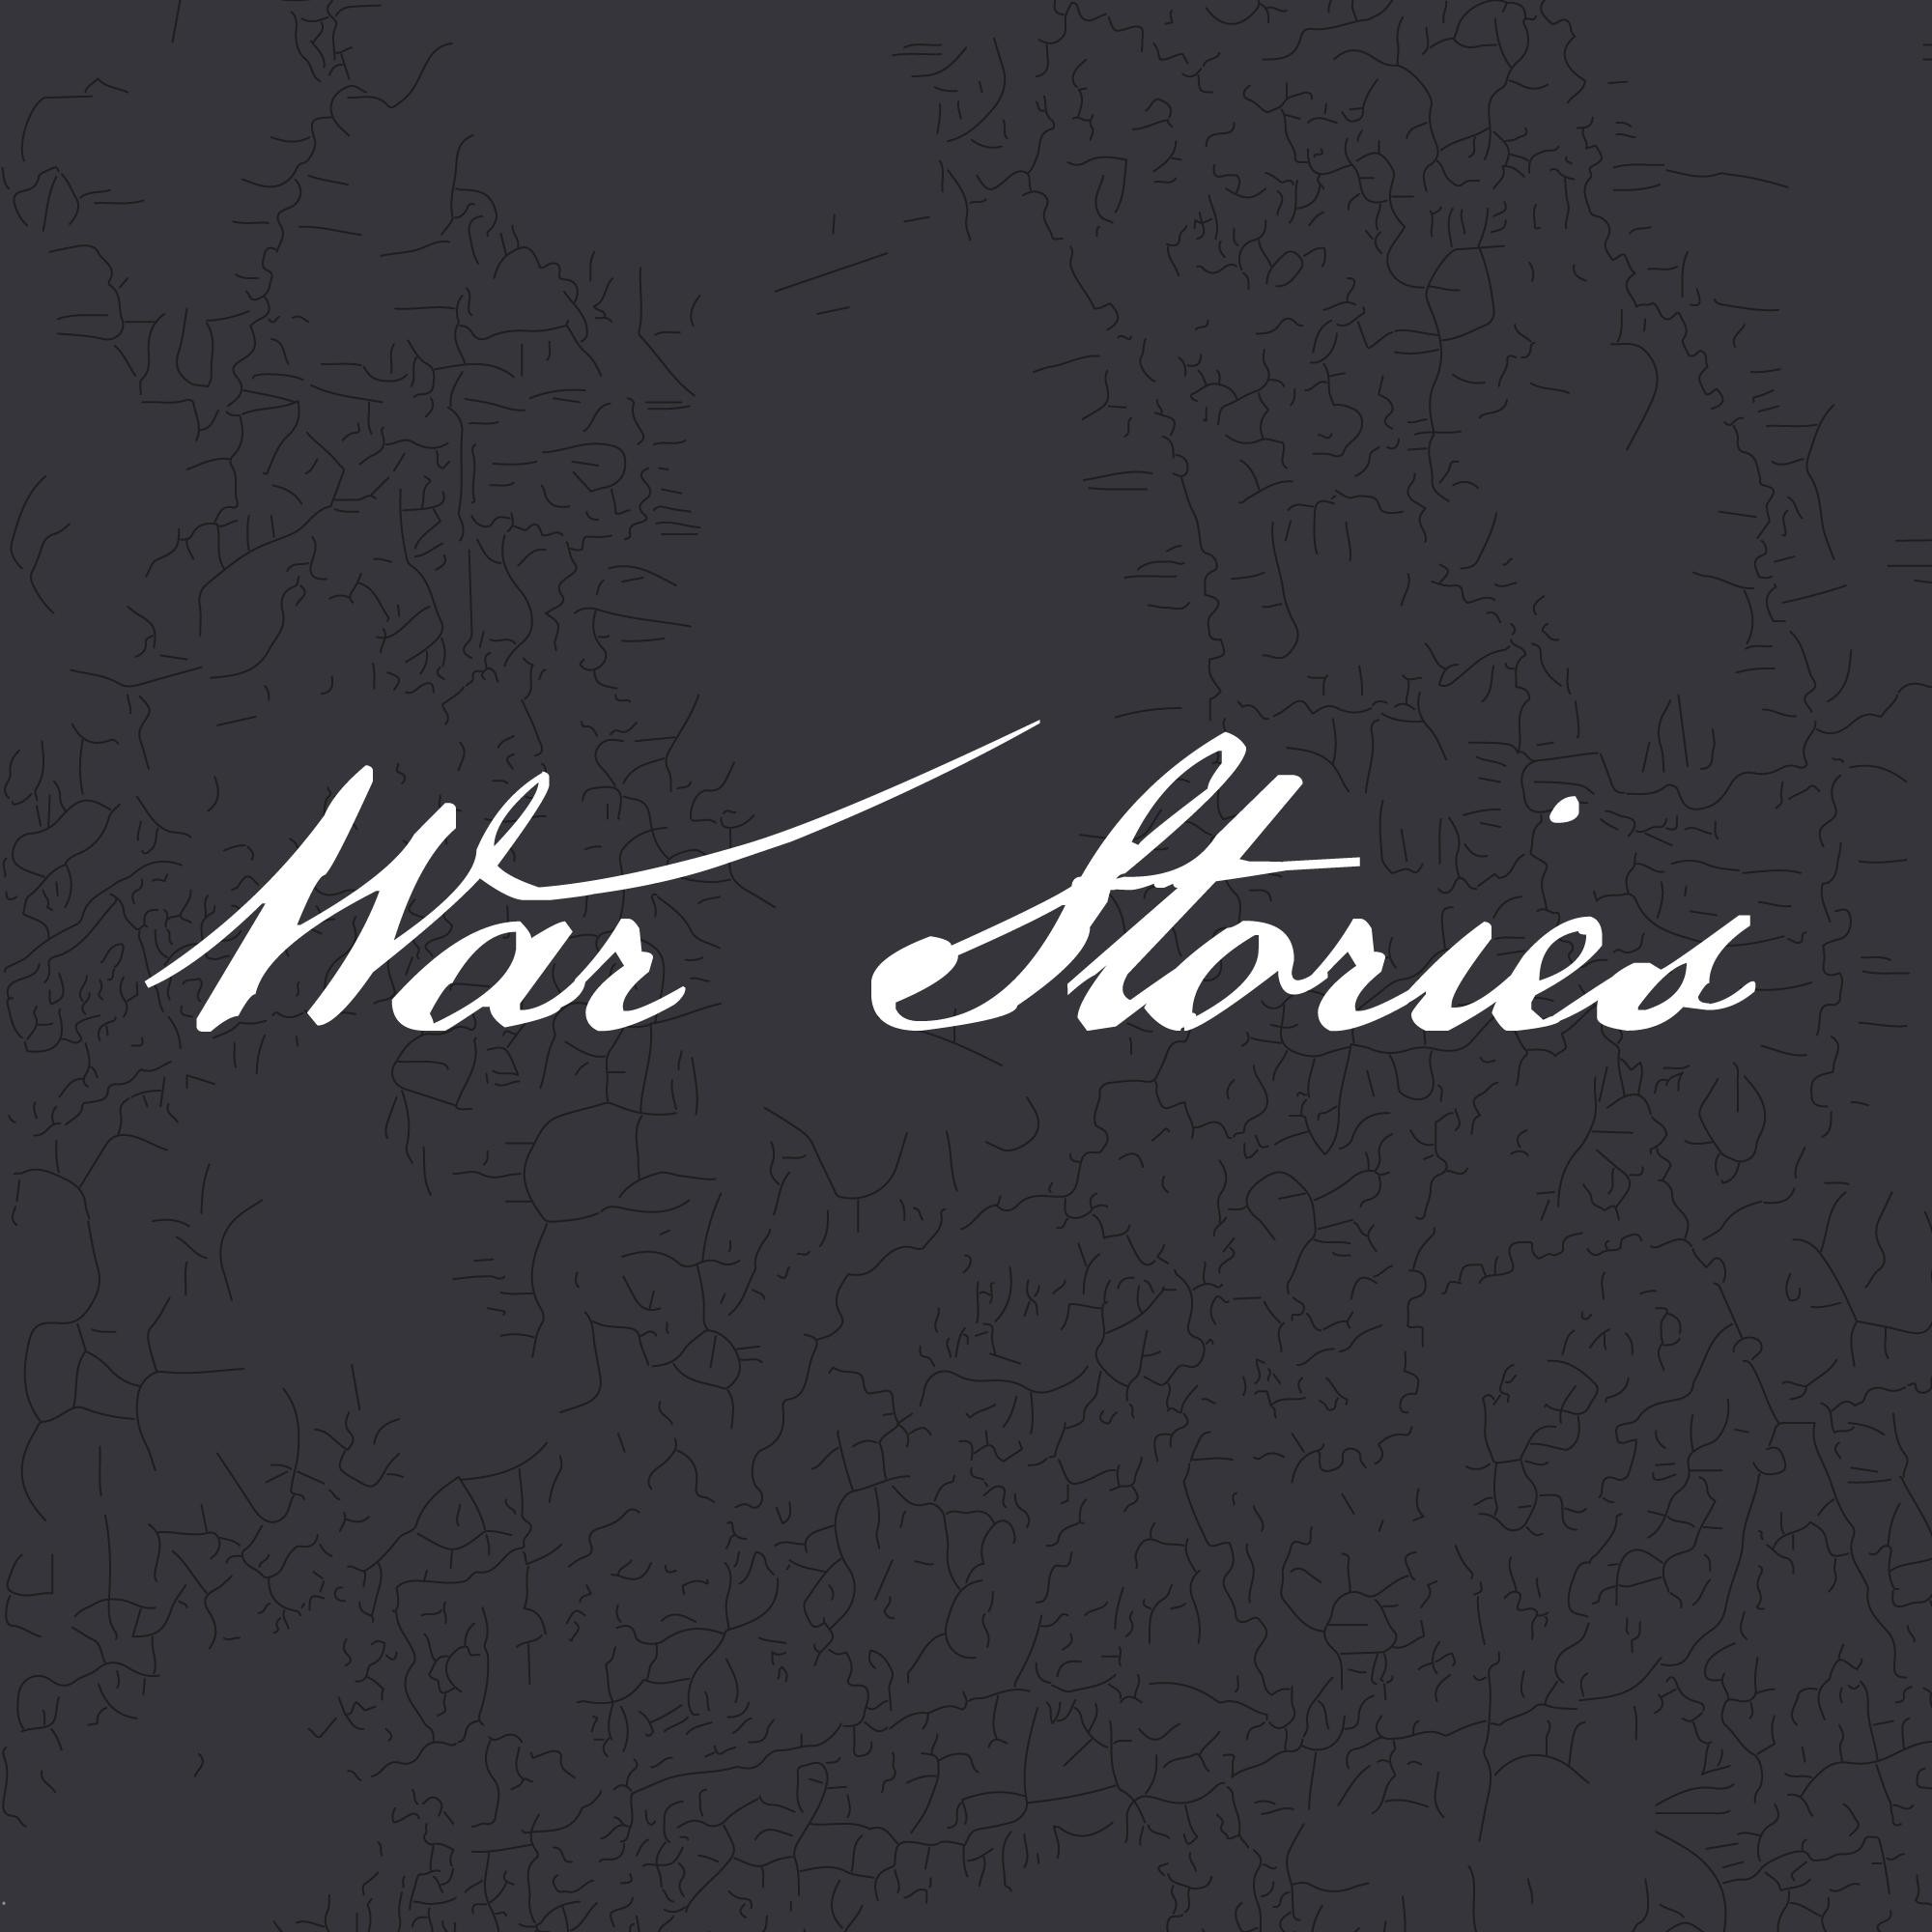 Caption: War Stories Logo, Credit: Adin Dobkin